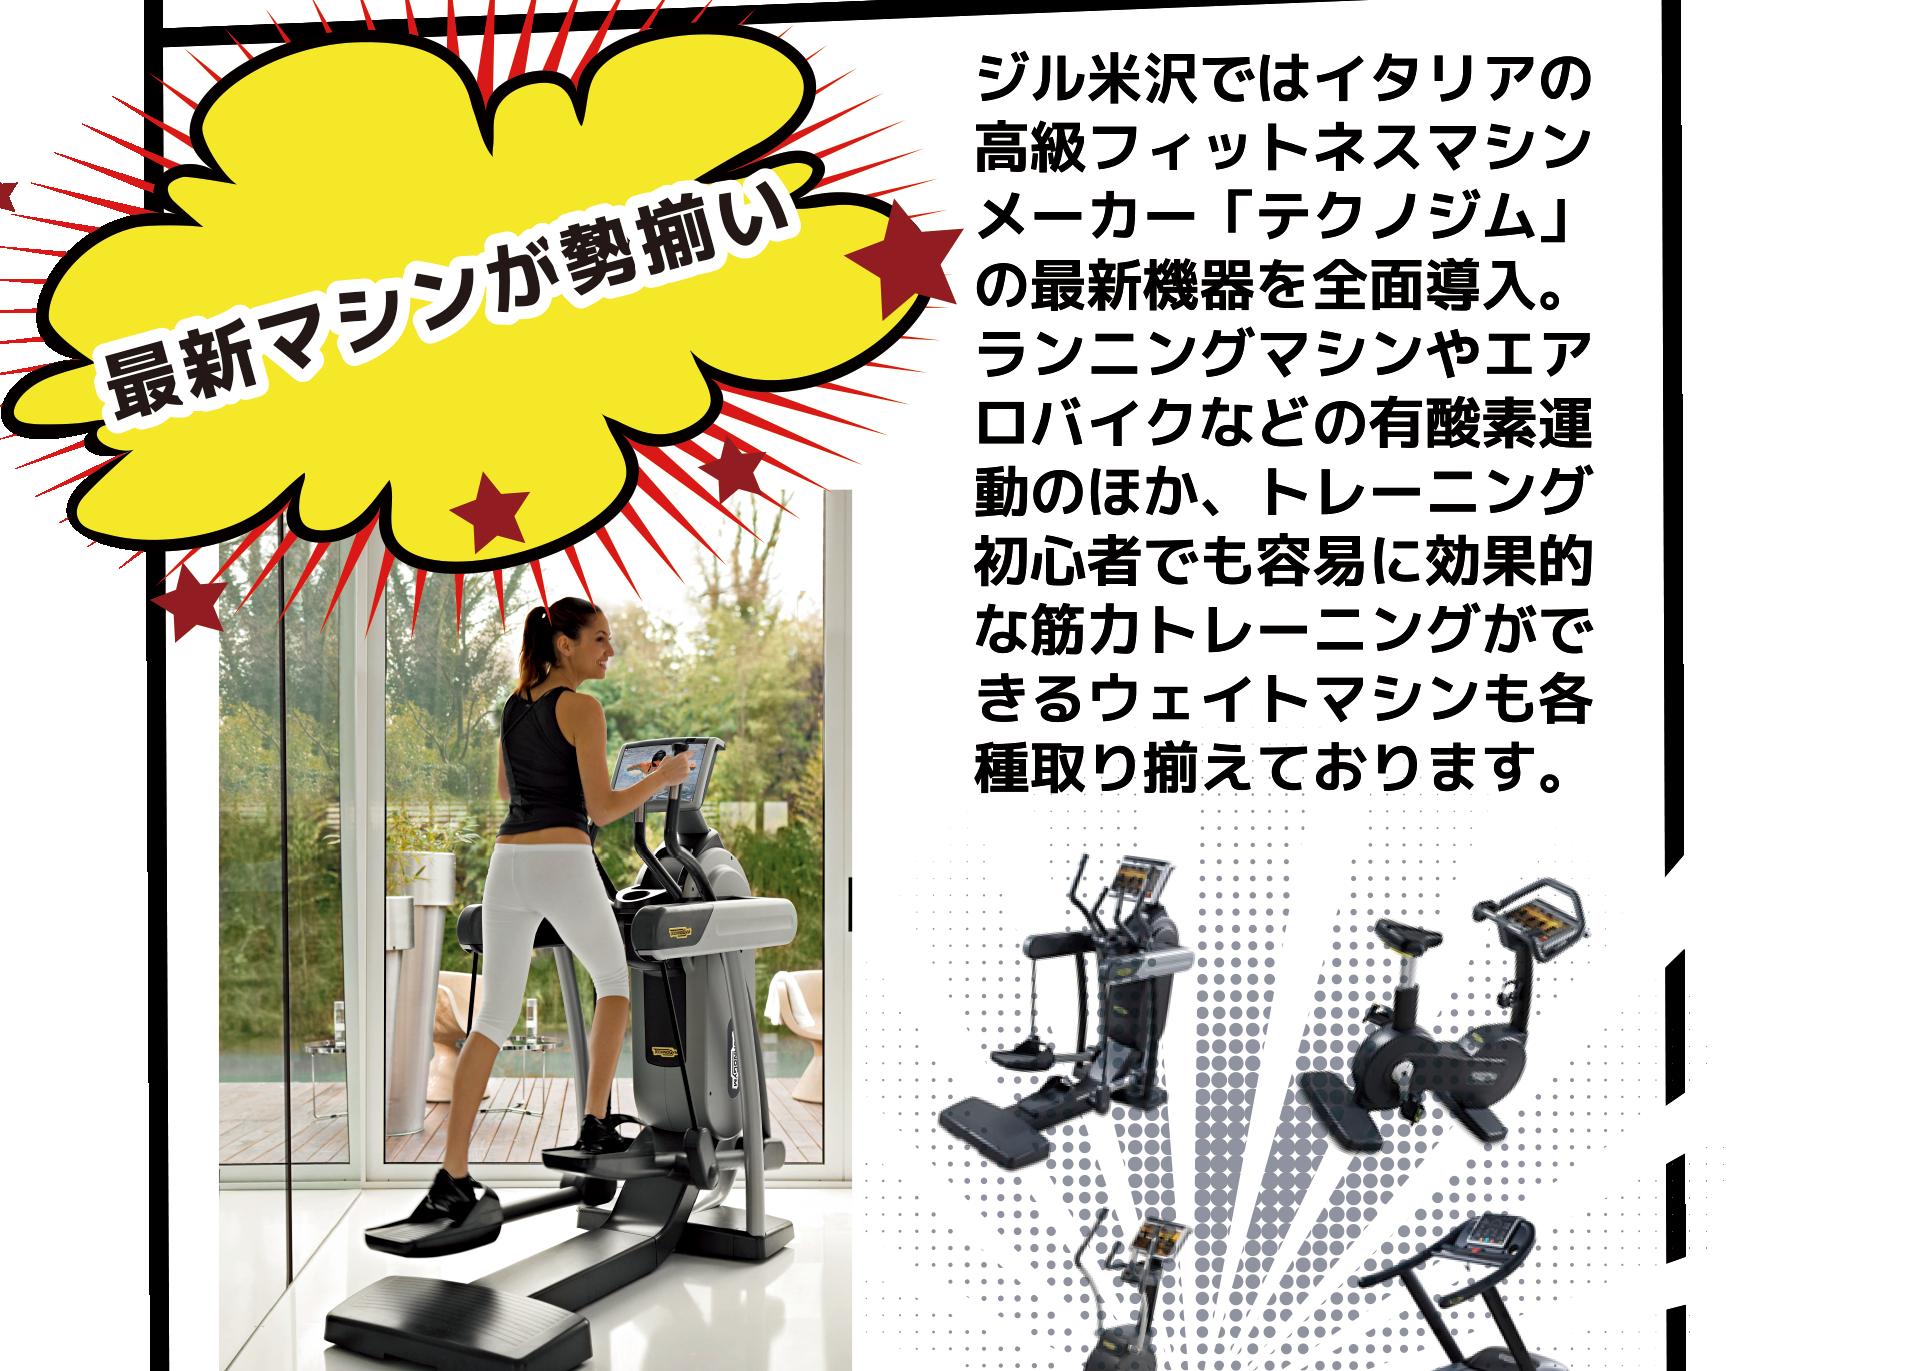 ジル米沢ではイタリアの 高級フィットネスマシン メーカー「テクノジム」 の最新機器を全面導入。 ランニングマシンやエア ロバイクなどの有酸素運 動のほか、トレーニング 初心者でも容易に効果的 な筋力トレーニングがで きるウェイトマシンも各 種取り揃えております。